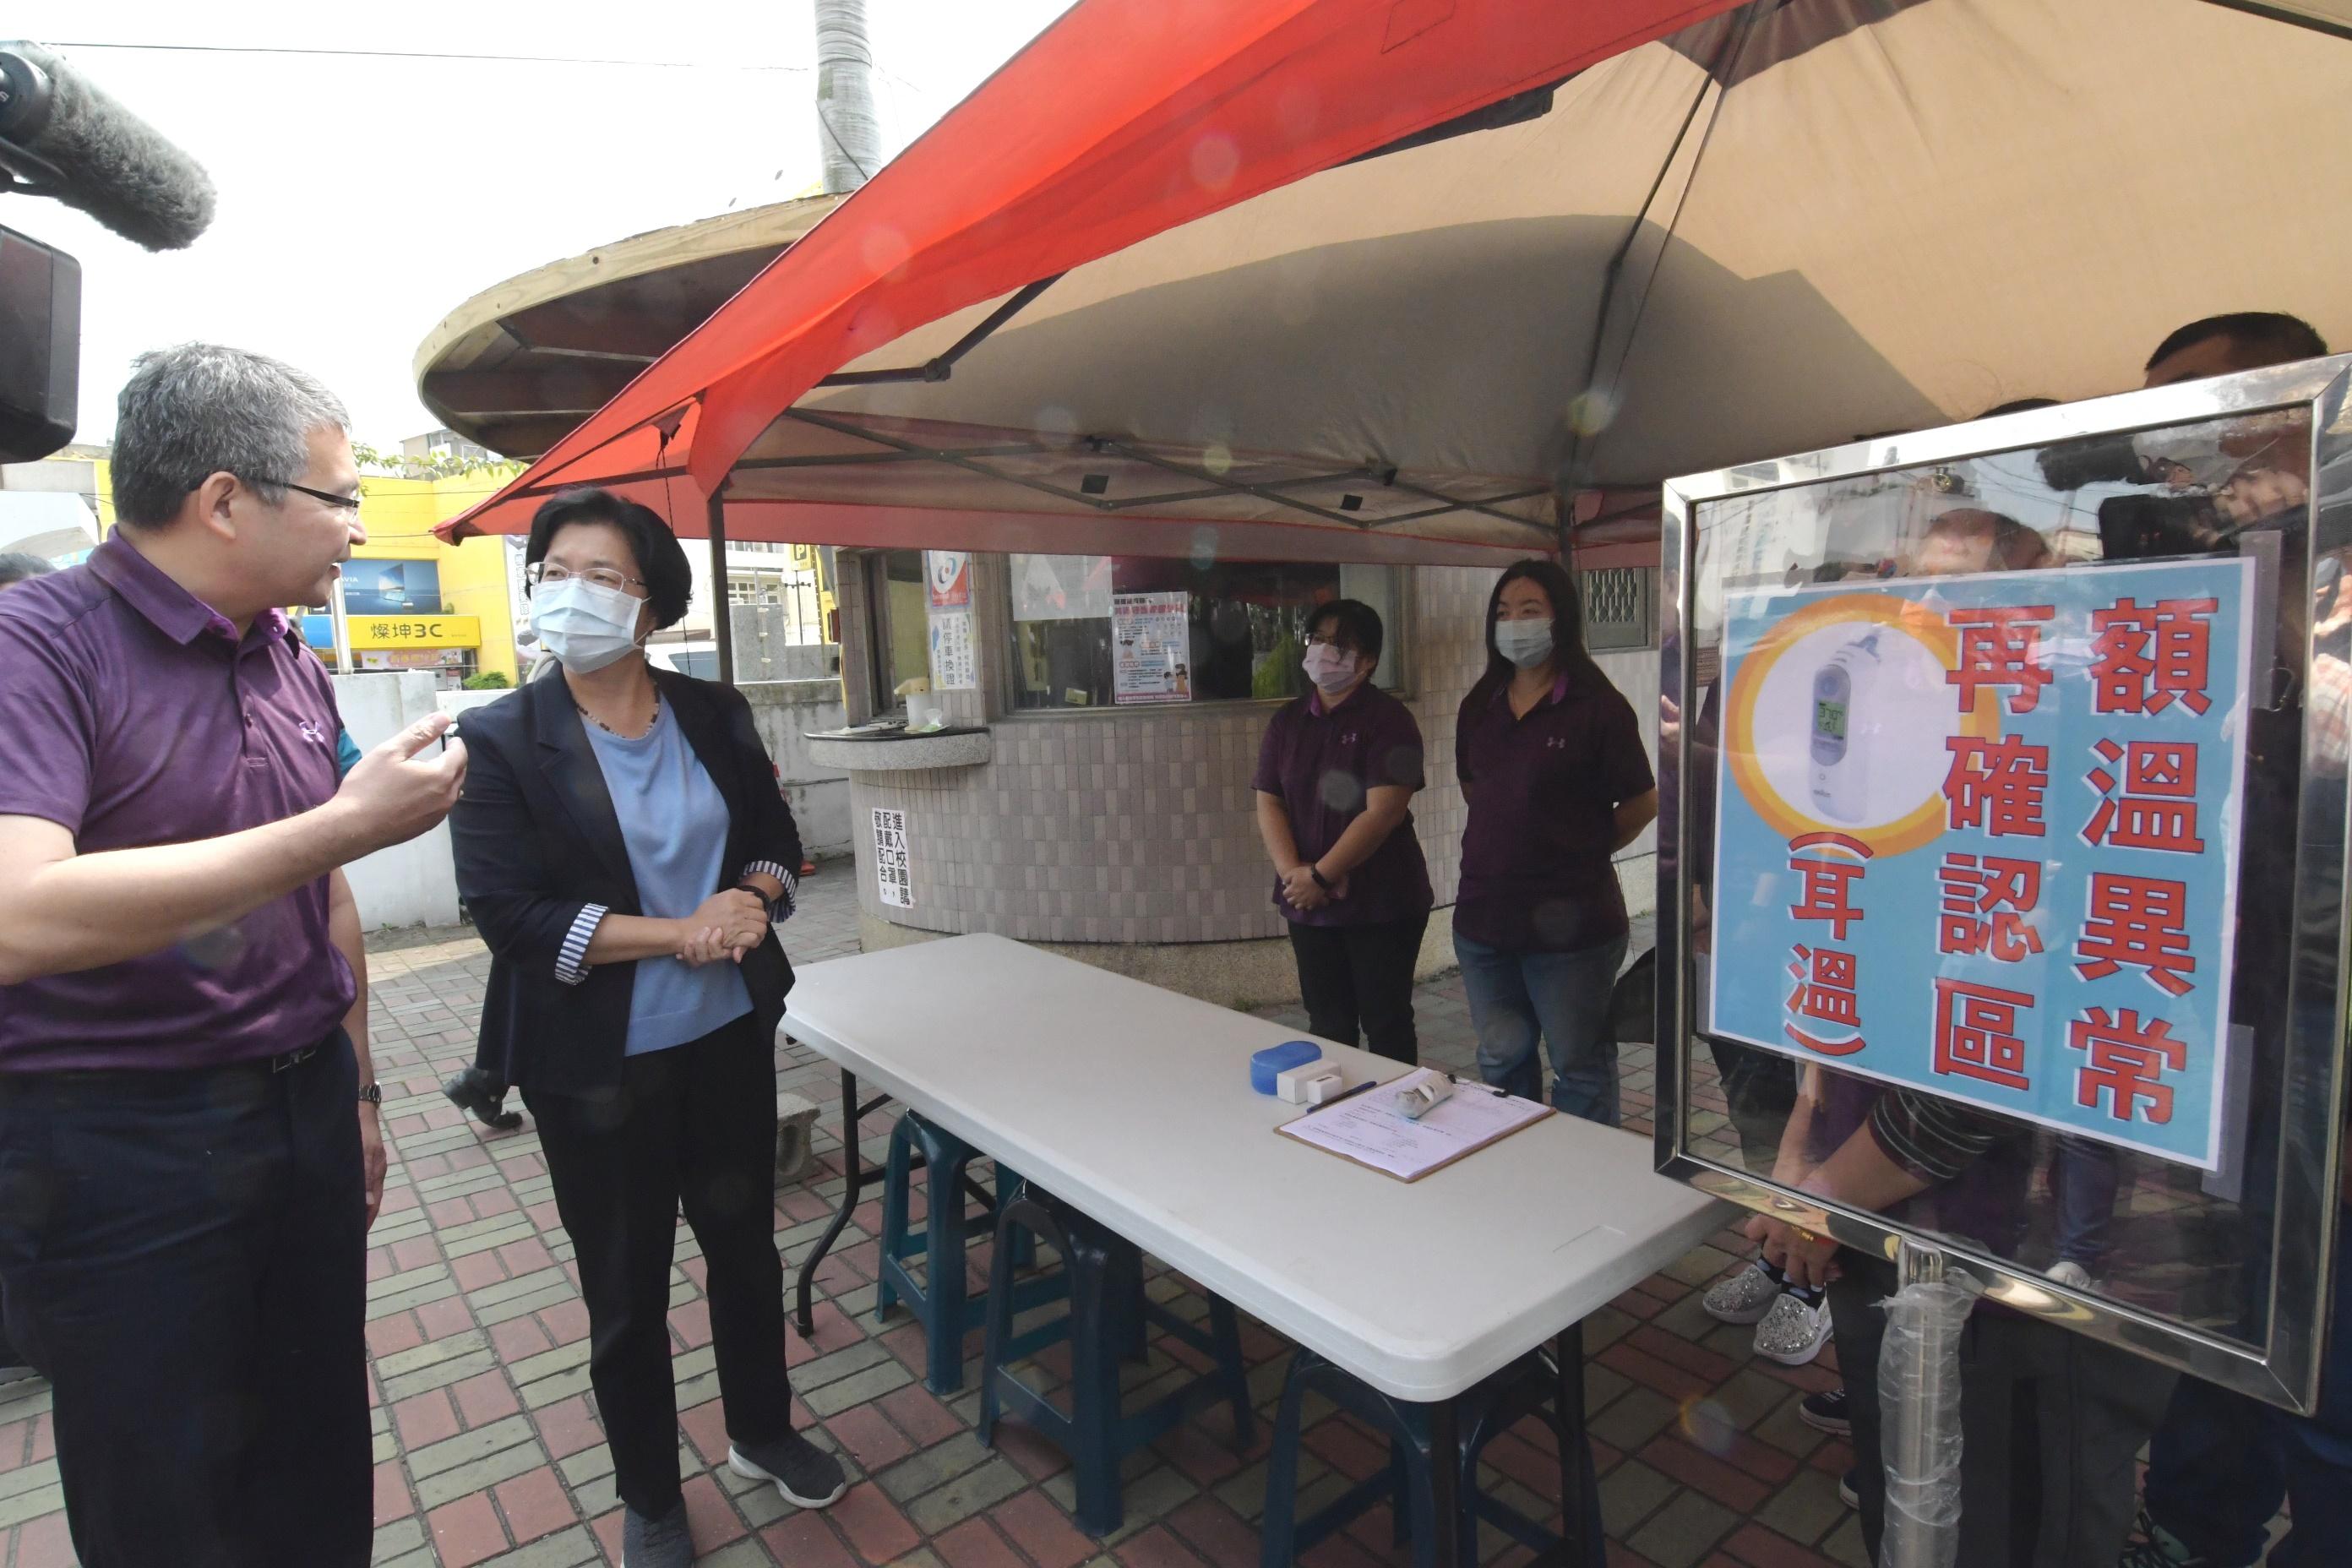 彰化縣宣布4月1日起因應疫情校園全面停止開放    校外教學及畢旅持續暫緩至學期末